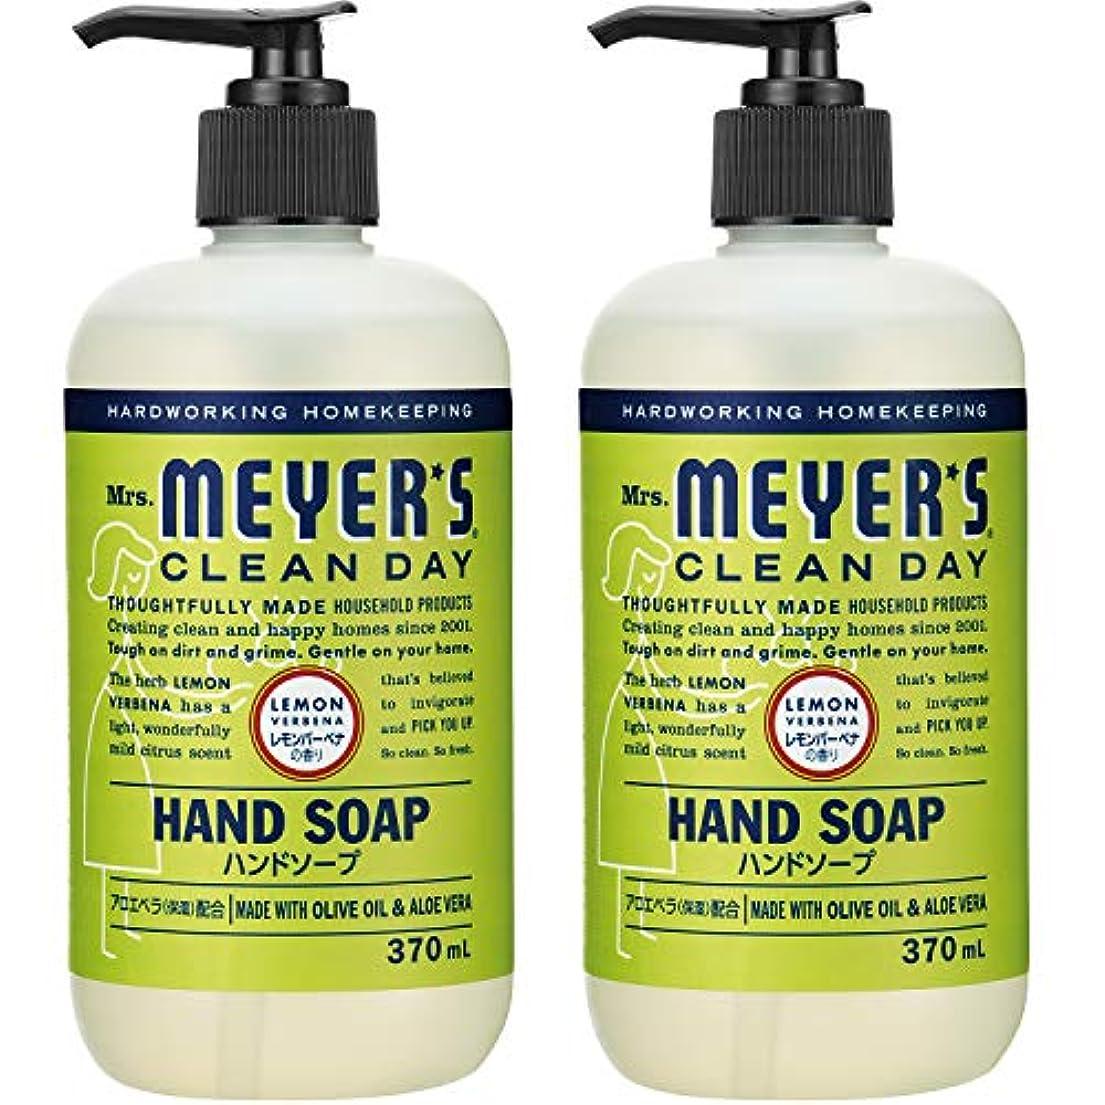 笑いジャンル安定しましたMrs. MEYER'S CLEAN DAY(ミセスマイヤーズ クリーンデイ) ミセスマイヤーズ クリーンデイ(Mrs.Meyers Clean Day) ハンドソープ レモンバーベナの香り 370ml×2個